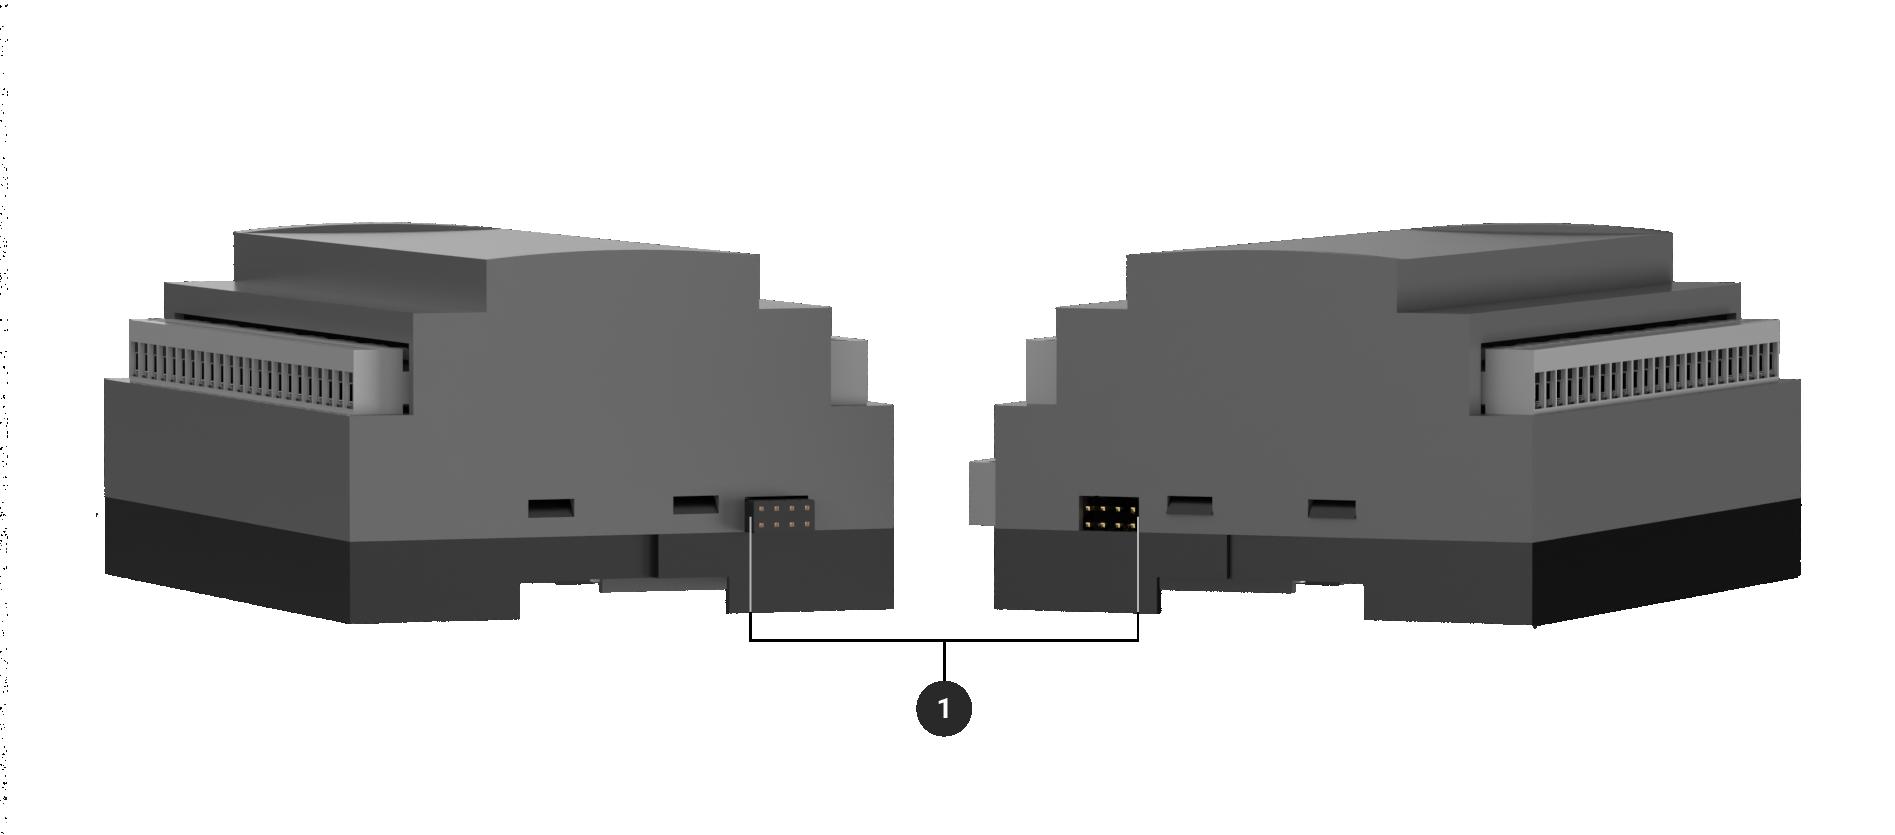 Conectores latarales del módulo de expansión de entradas y salidas para adquio pro y lite